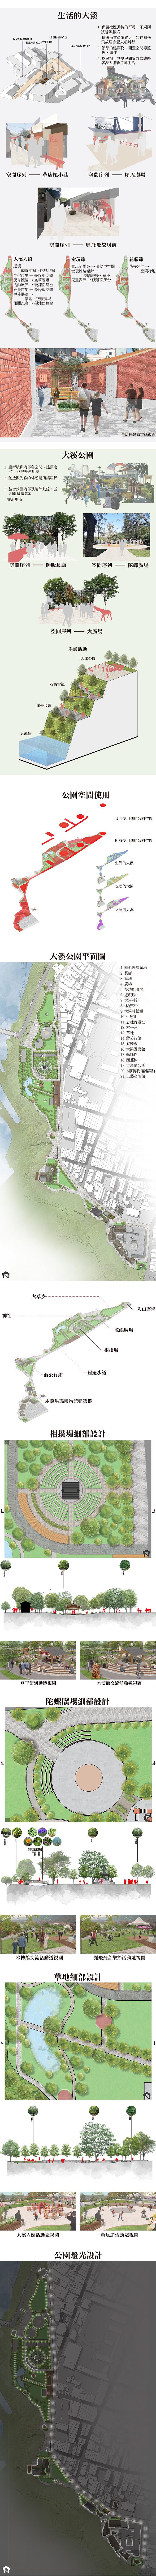 RE·Turn大溪 永續慢城計畫-作品內容2.jpg